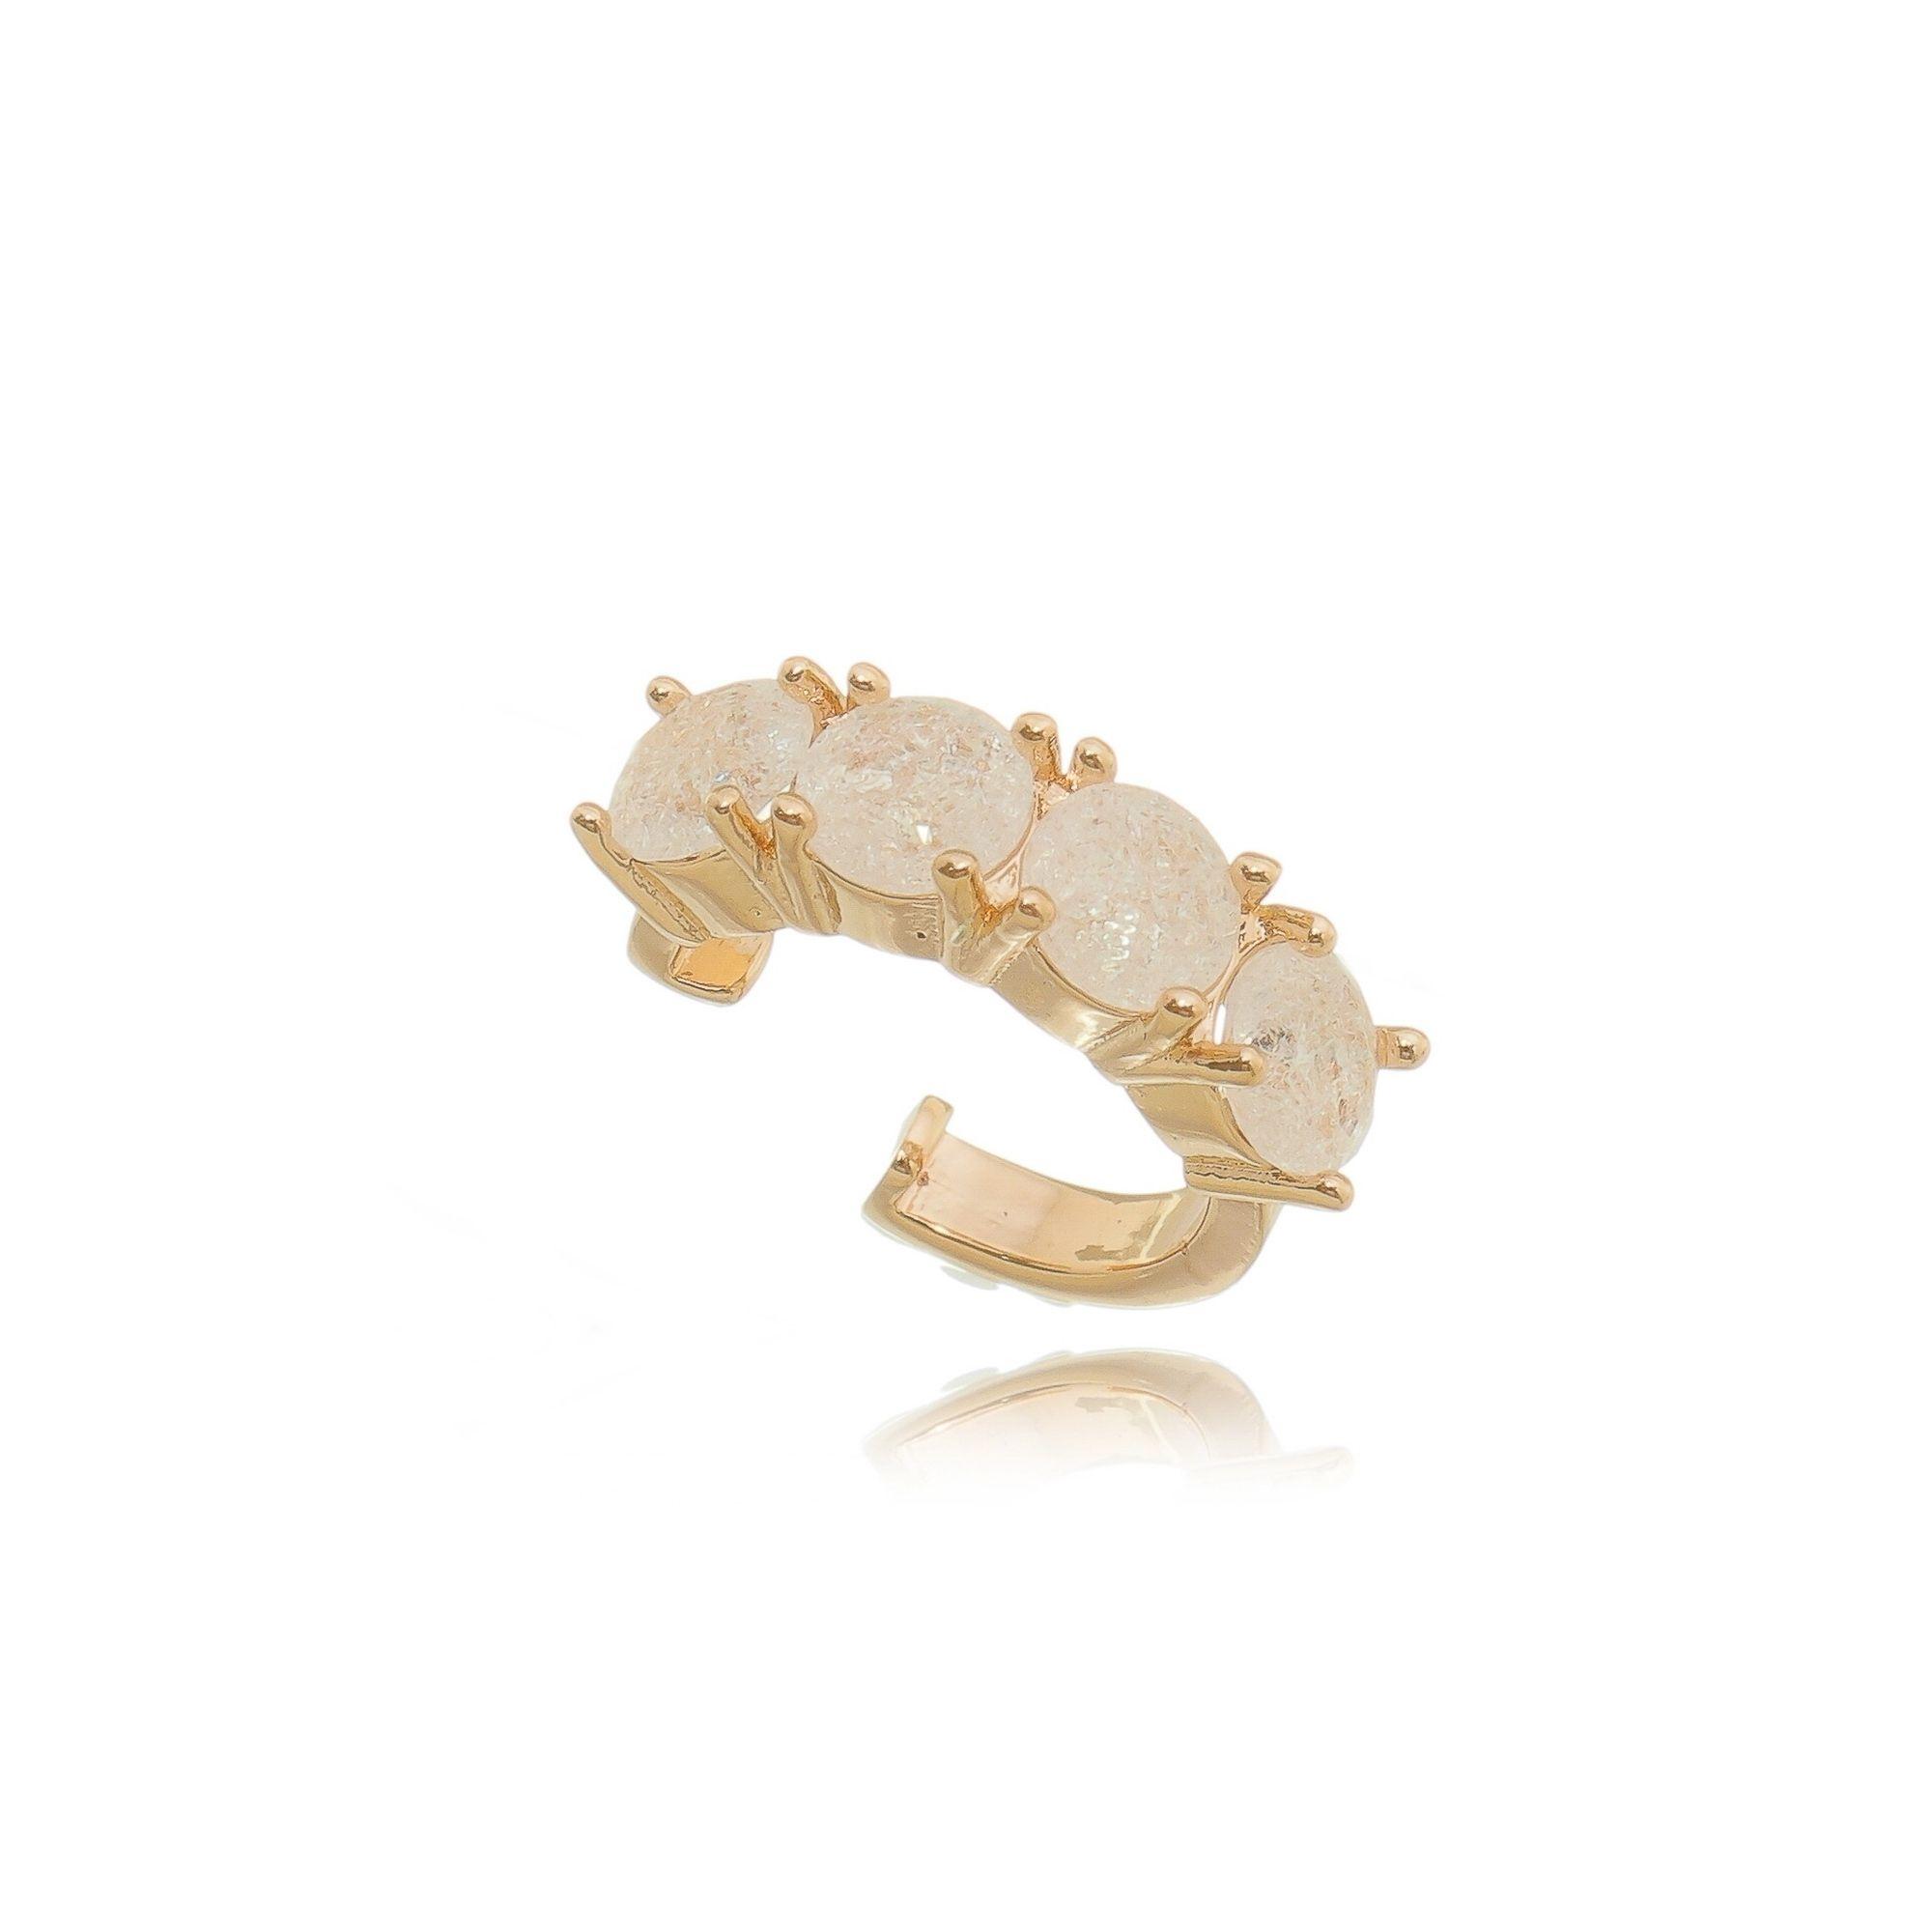 Brinco Piercing Falso Ouro Rosé Semijoia Luxo com Pedra Fusion Cristal  - SOLOYOU